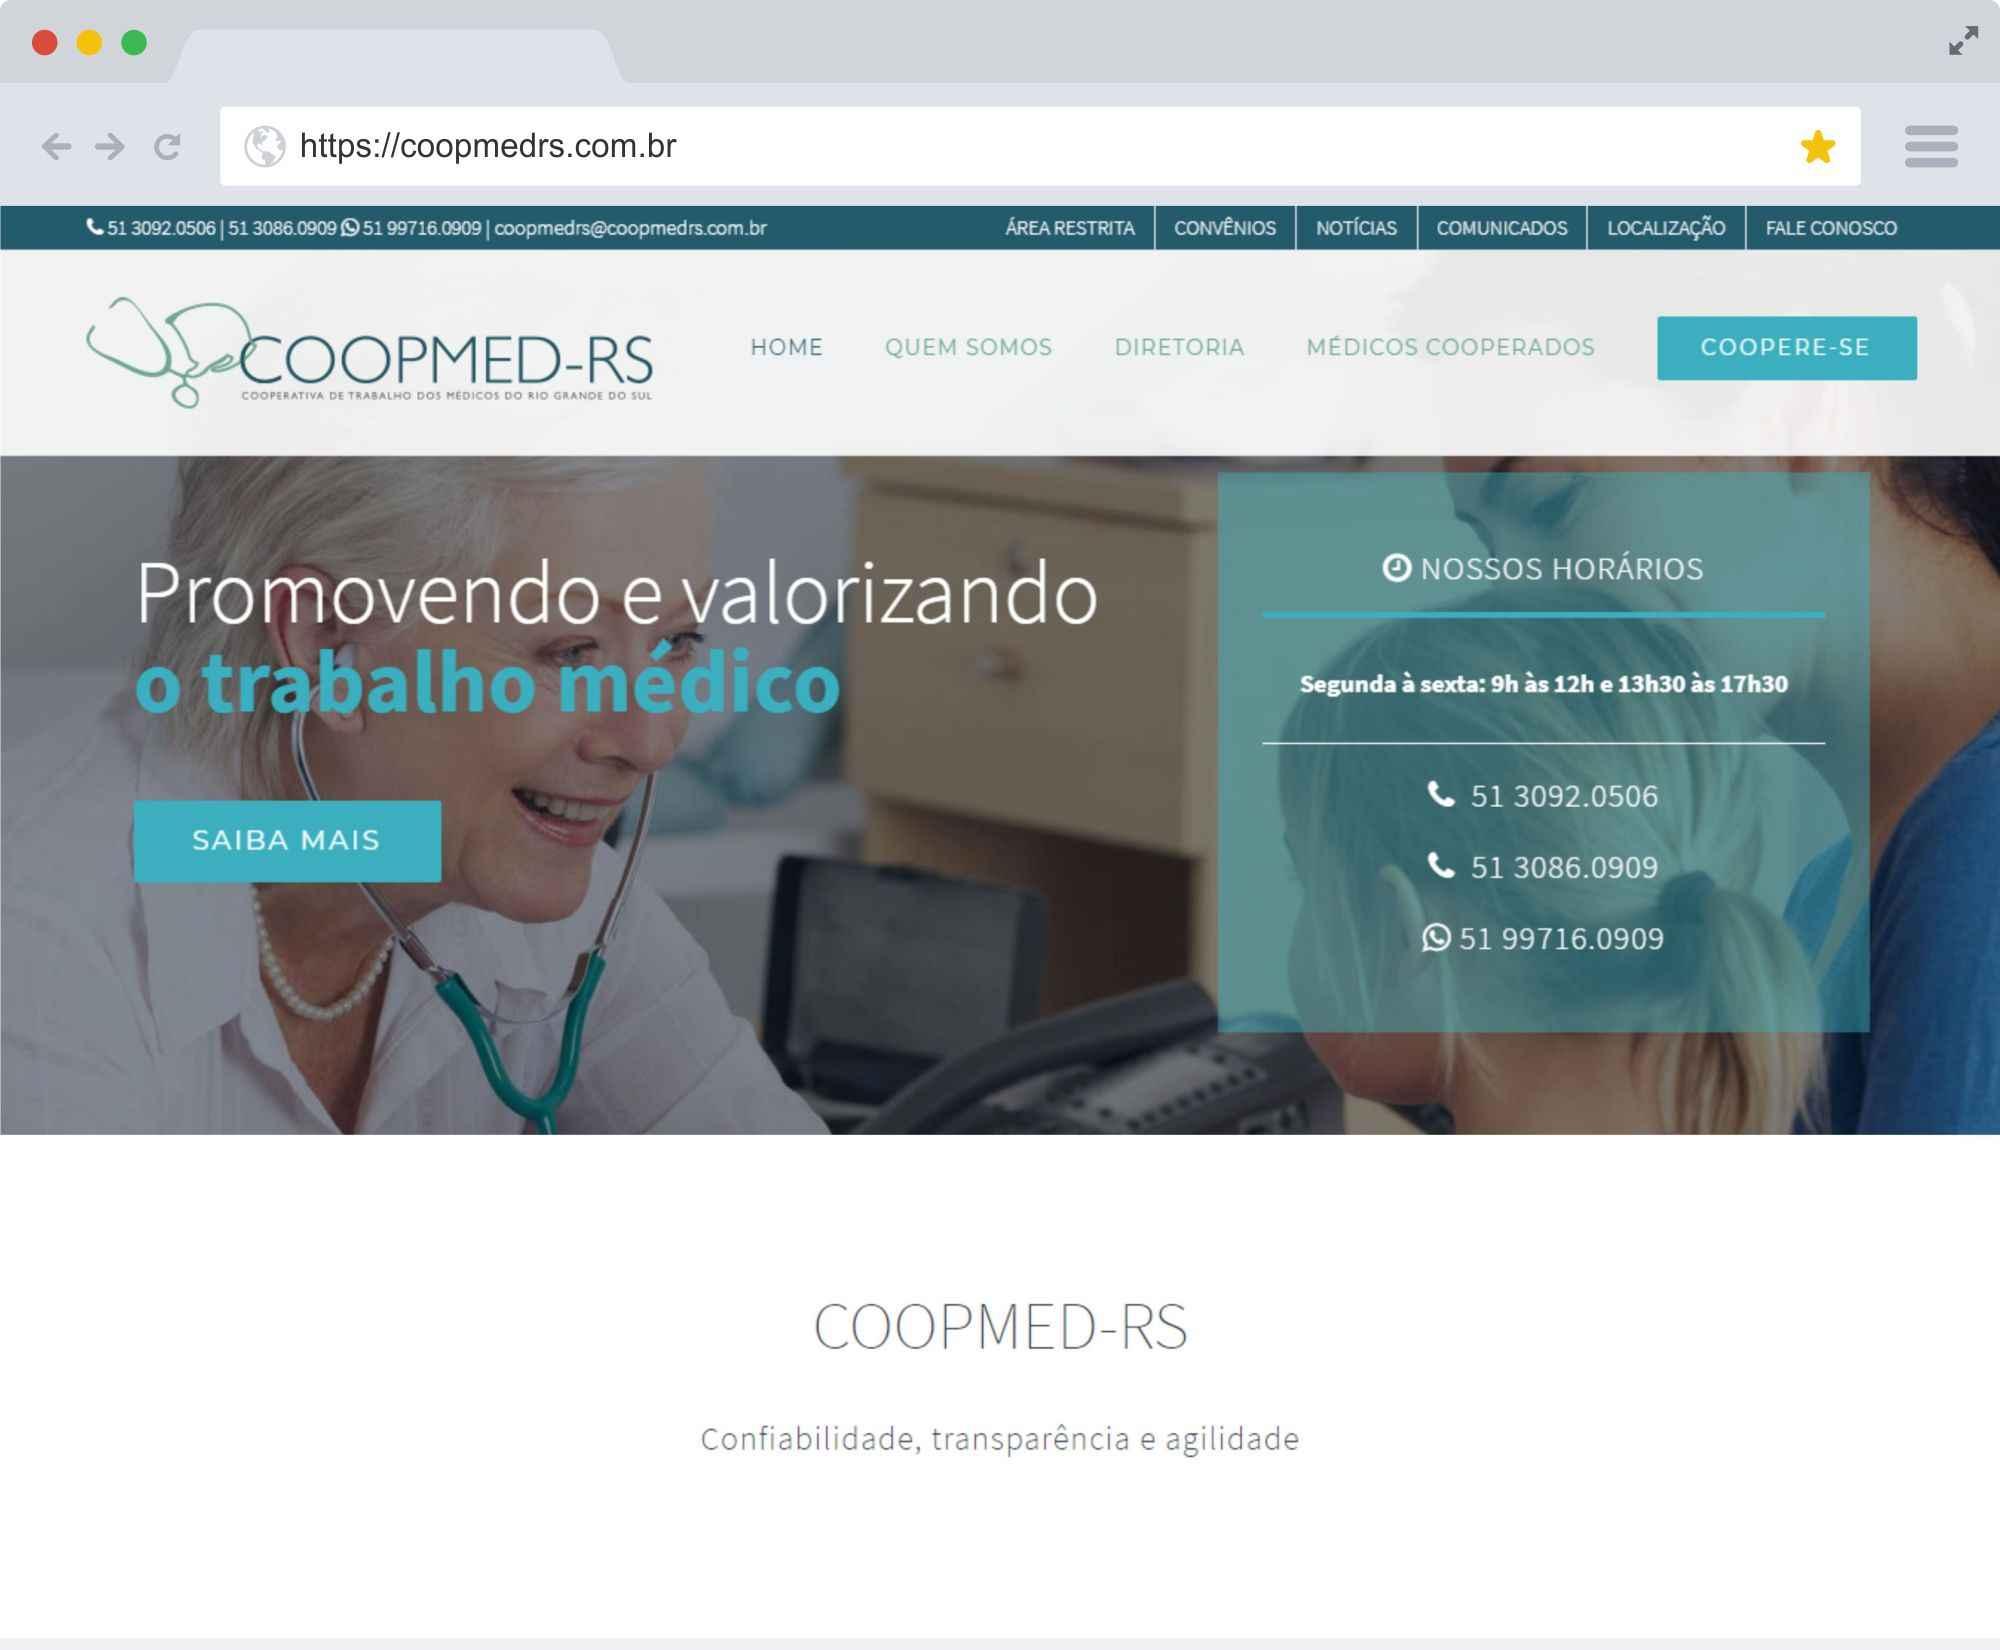 coopmedrs.com.br